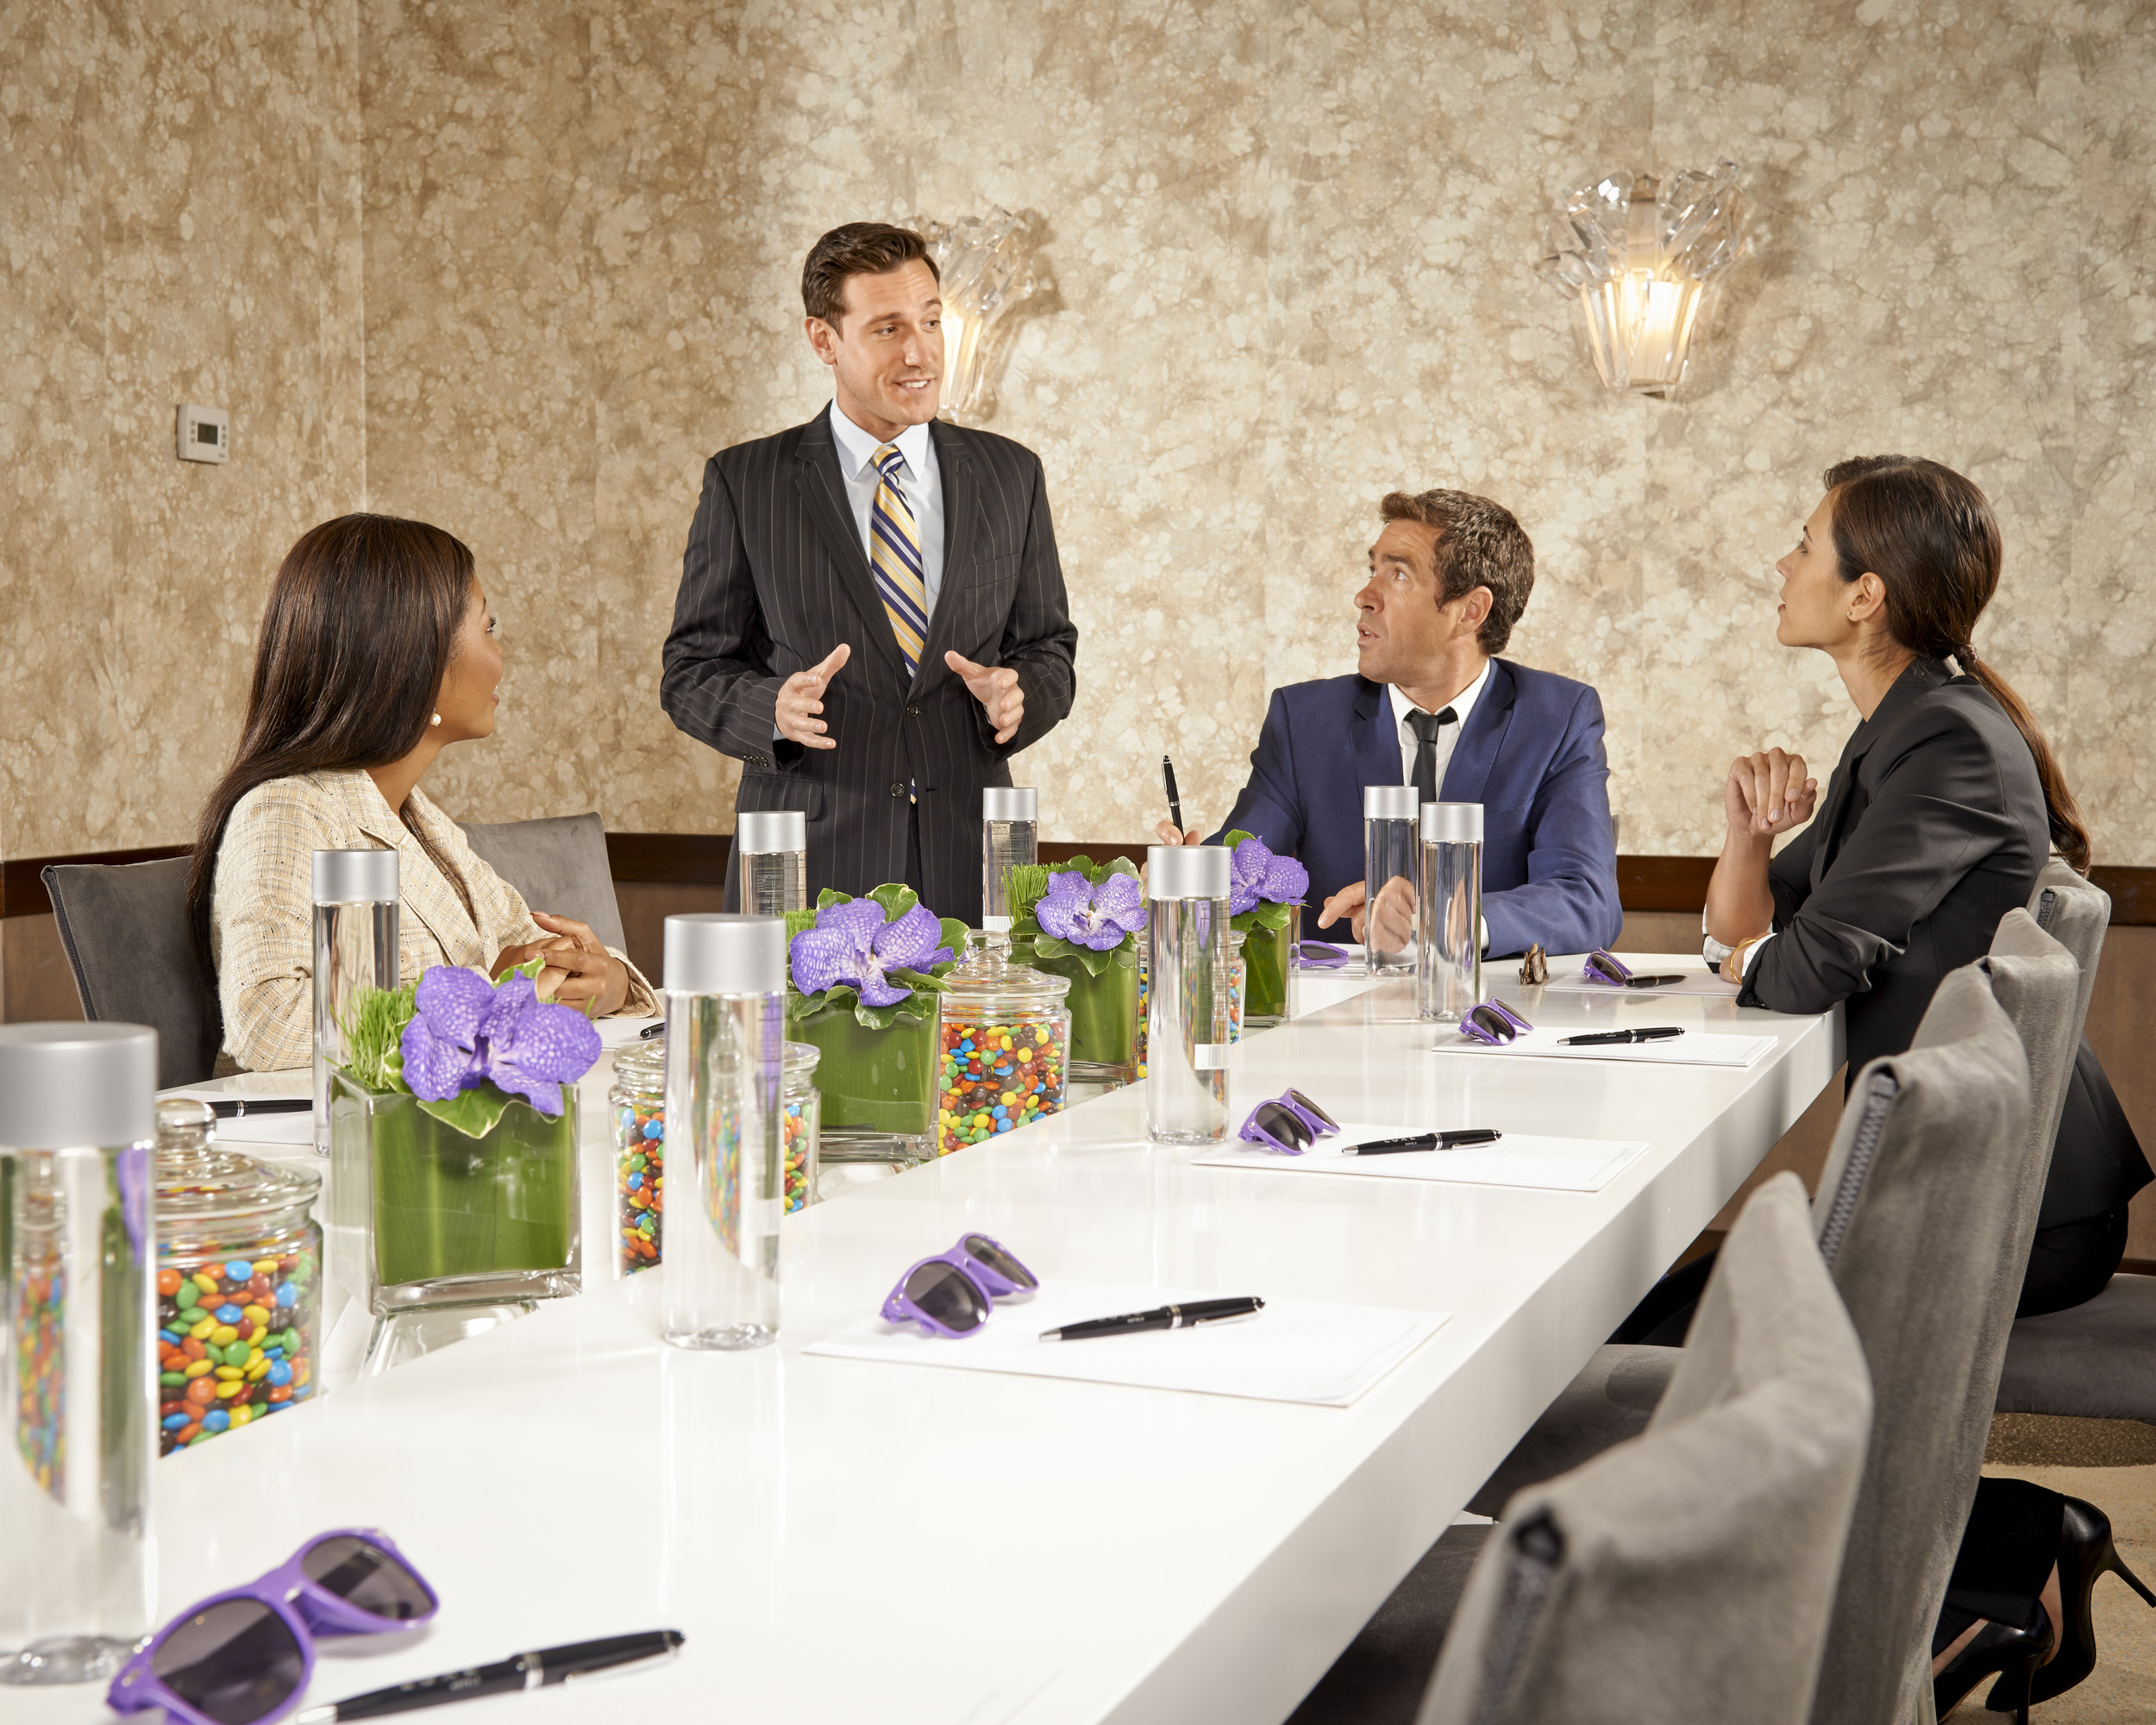 Formal Meeting Lifestyle-34.JPG